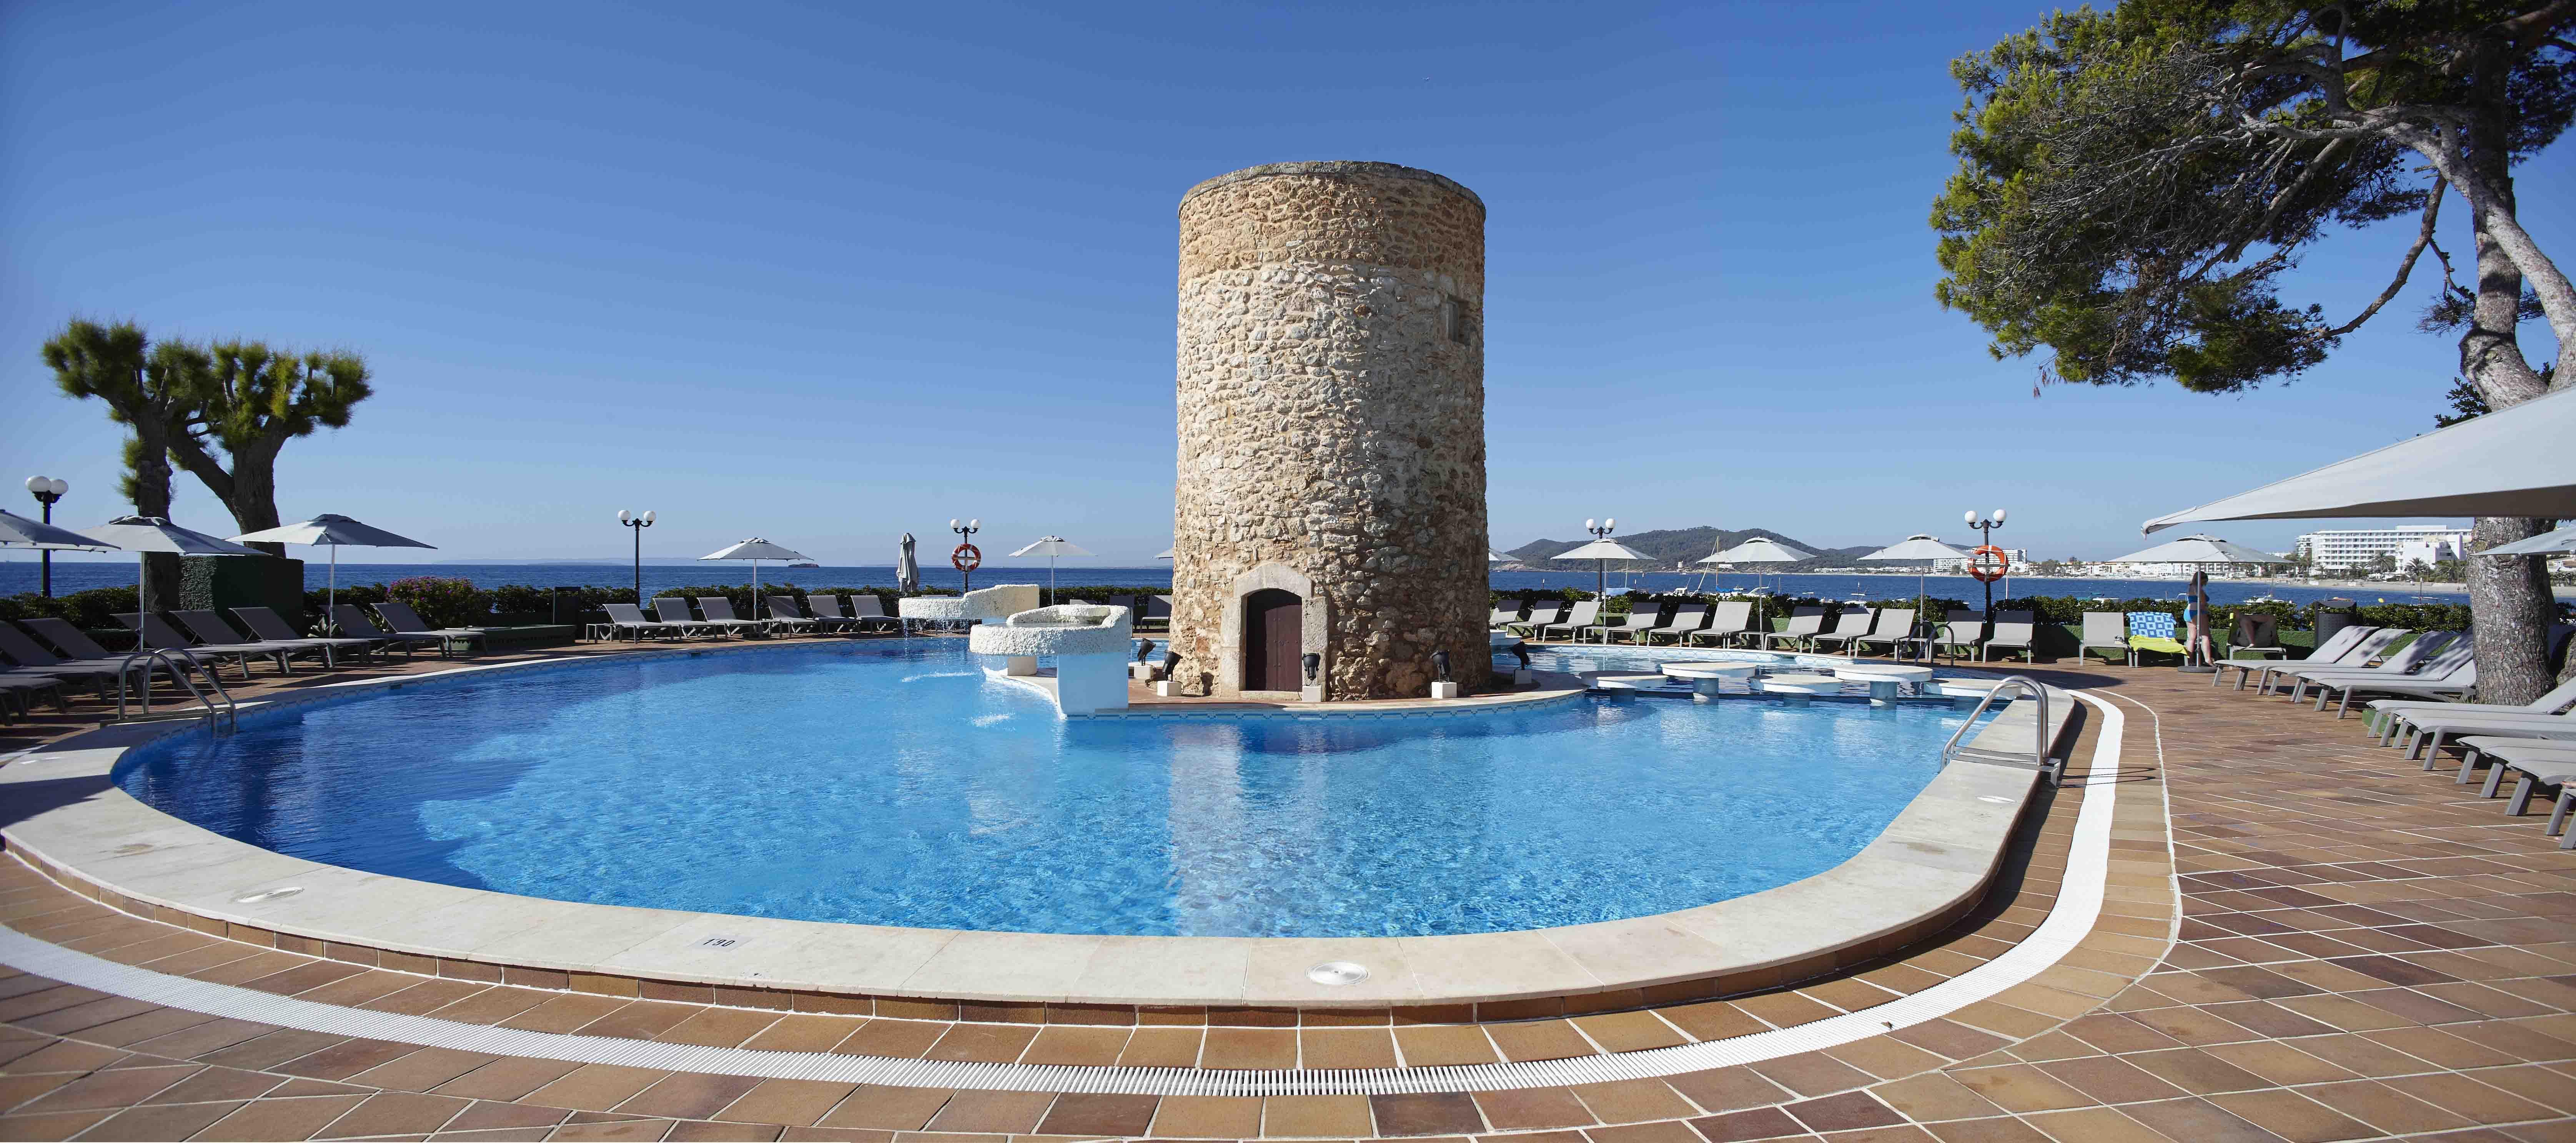 Una temporada repleta de novedades en el hotel Torre del Mar